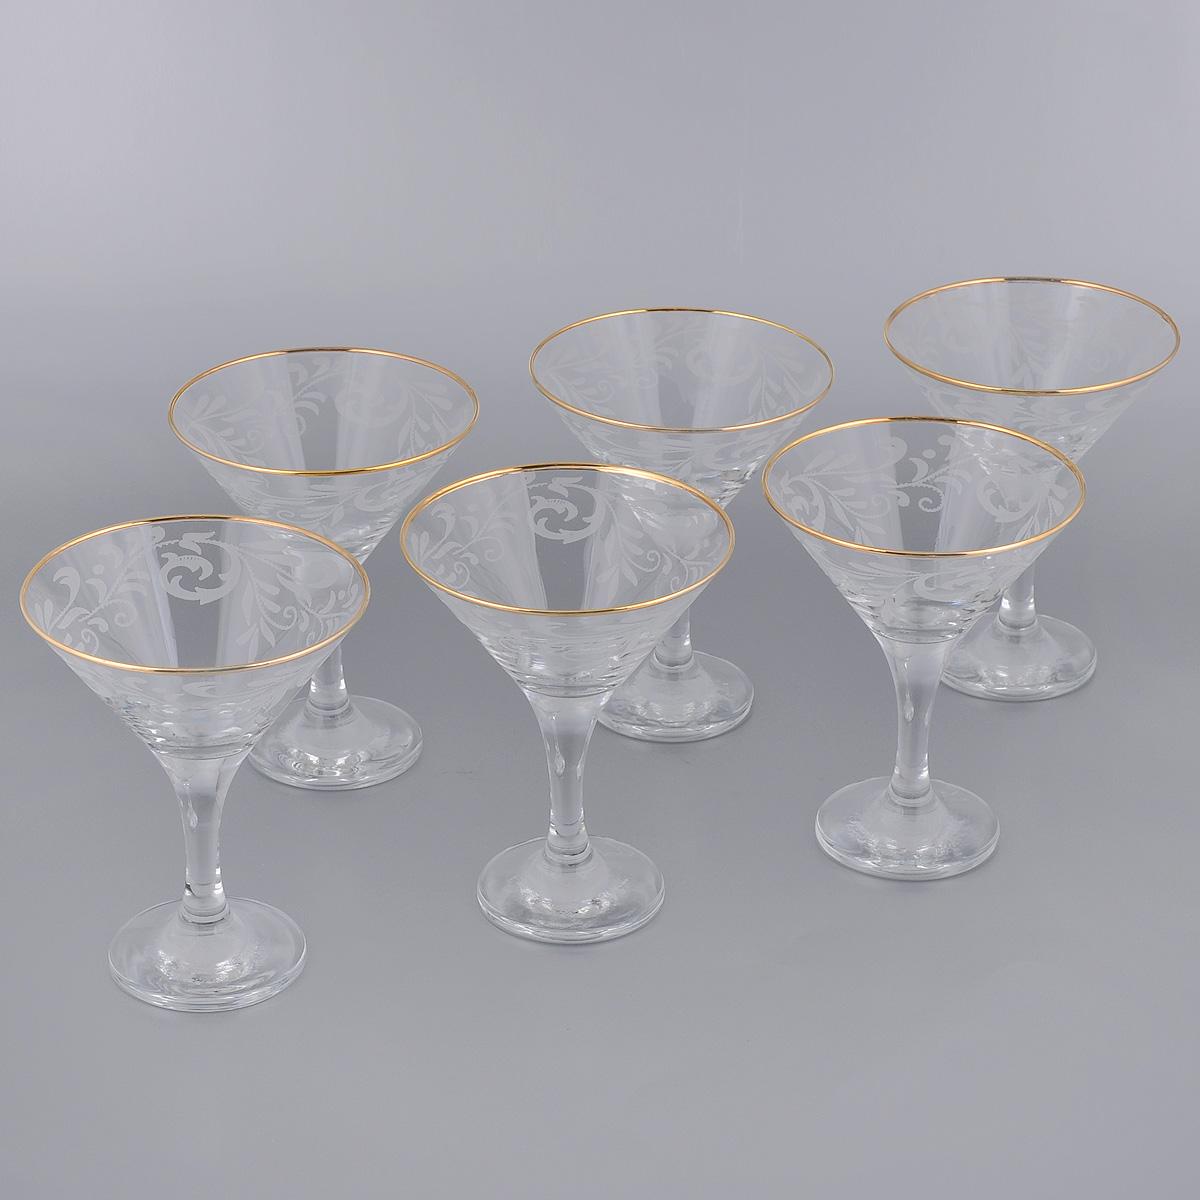 Набор бокалов для мартини Гусь-Хрустальный Веточка, 170 мл, 6 шт набор бокалов для бренди гусь хрустальный версаче 400 мл 6 шт